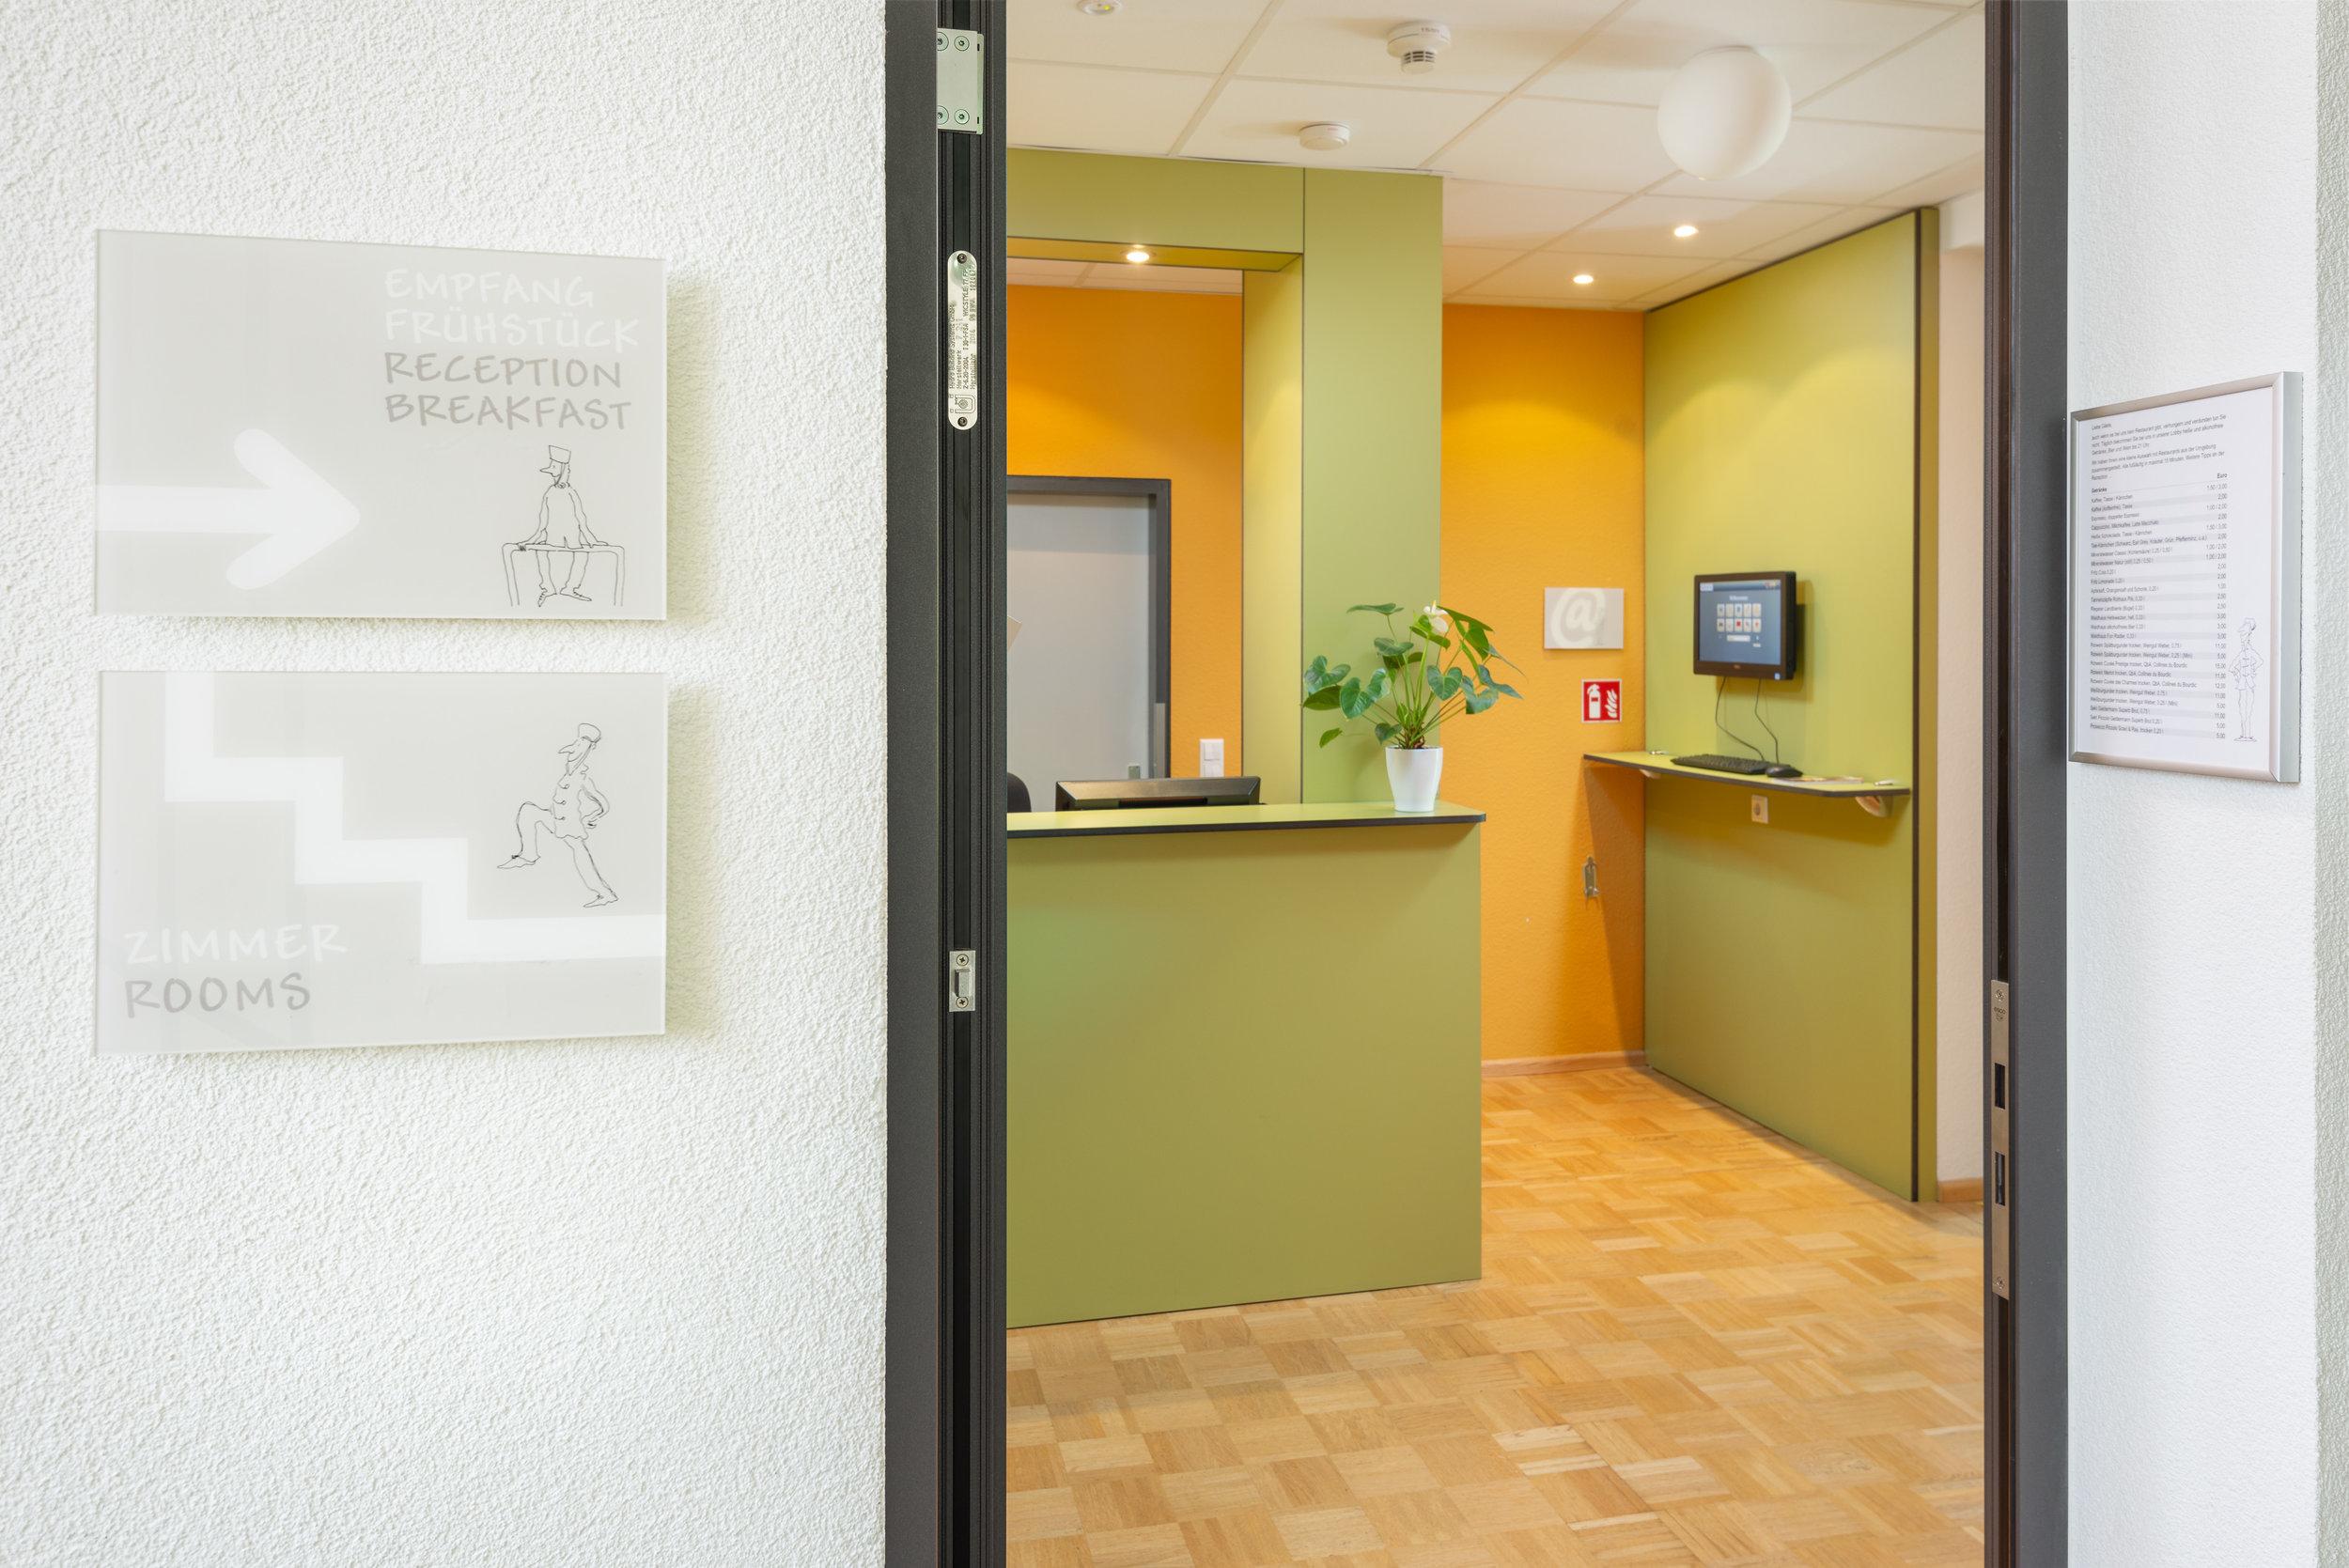 Hotel Bischofslinde - 180417 - 0598-Edit.jpg